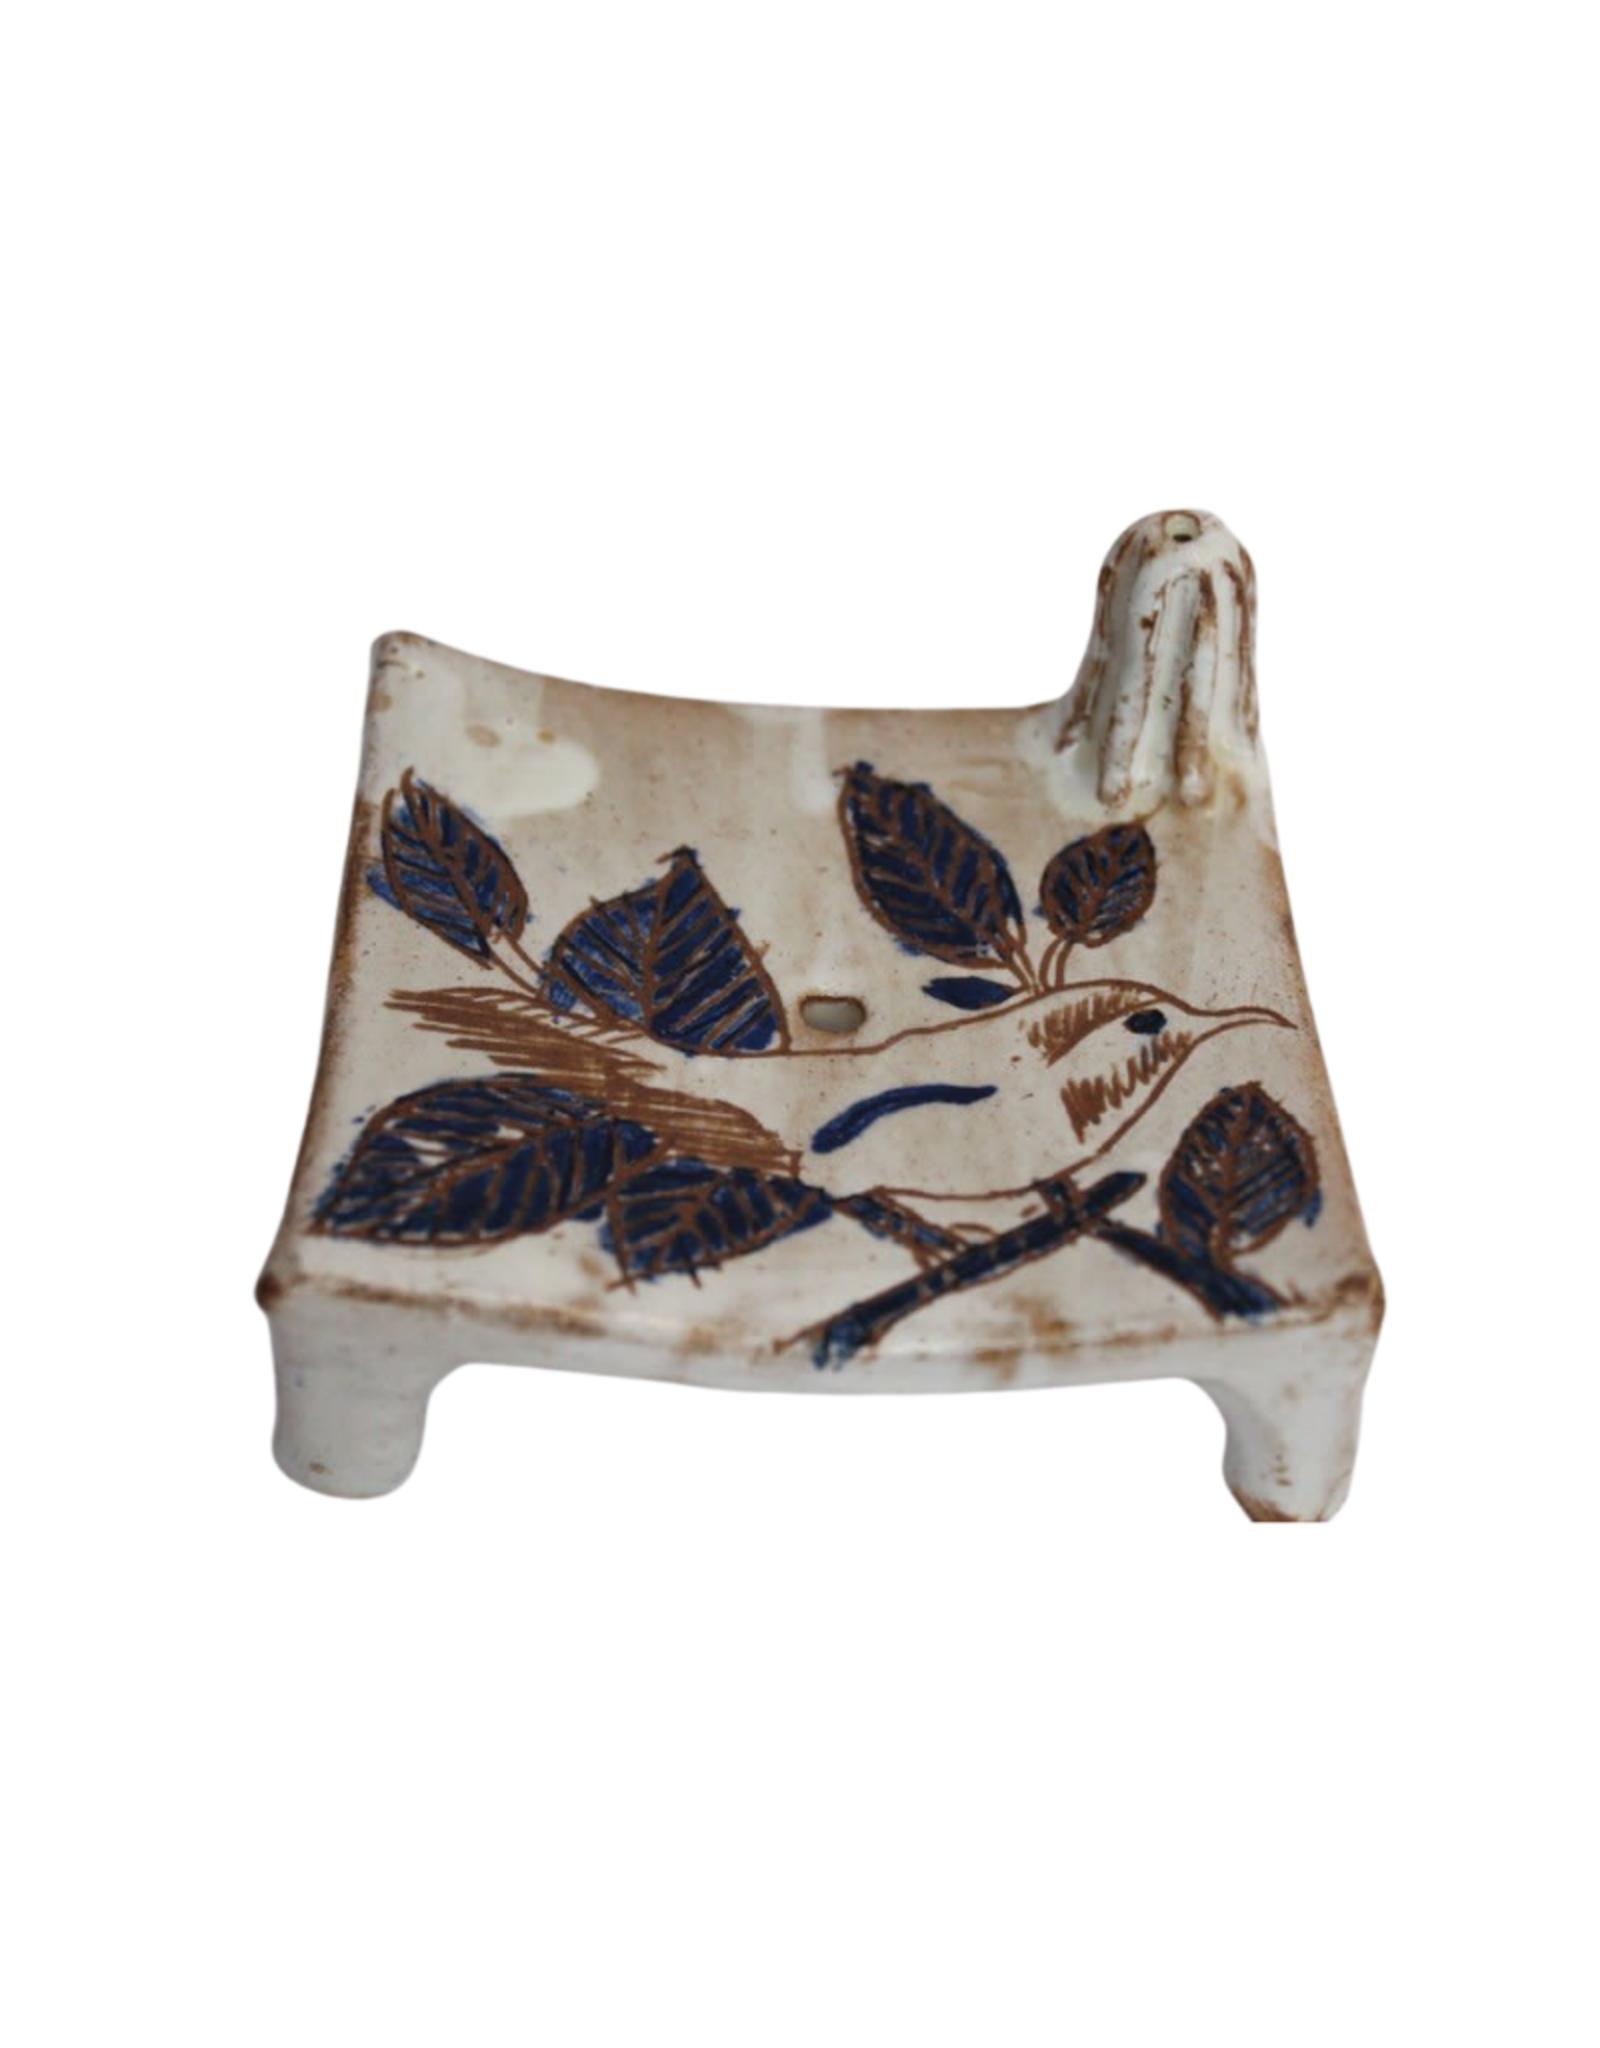 Pottery Soap Dish - Bird